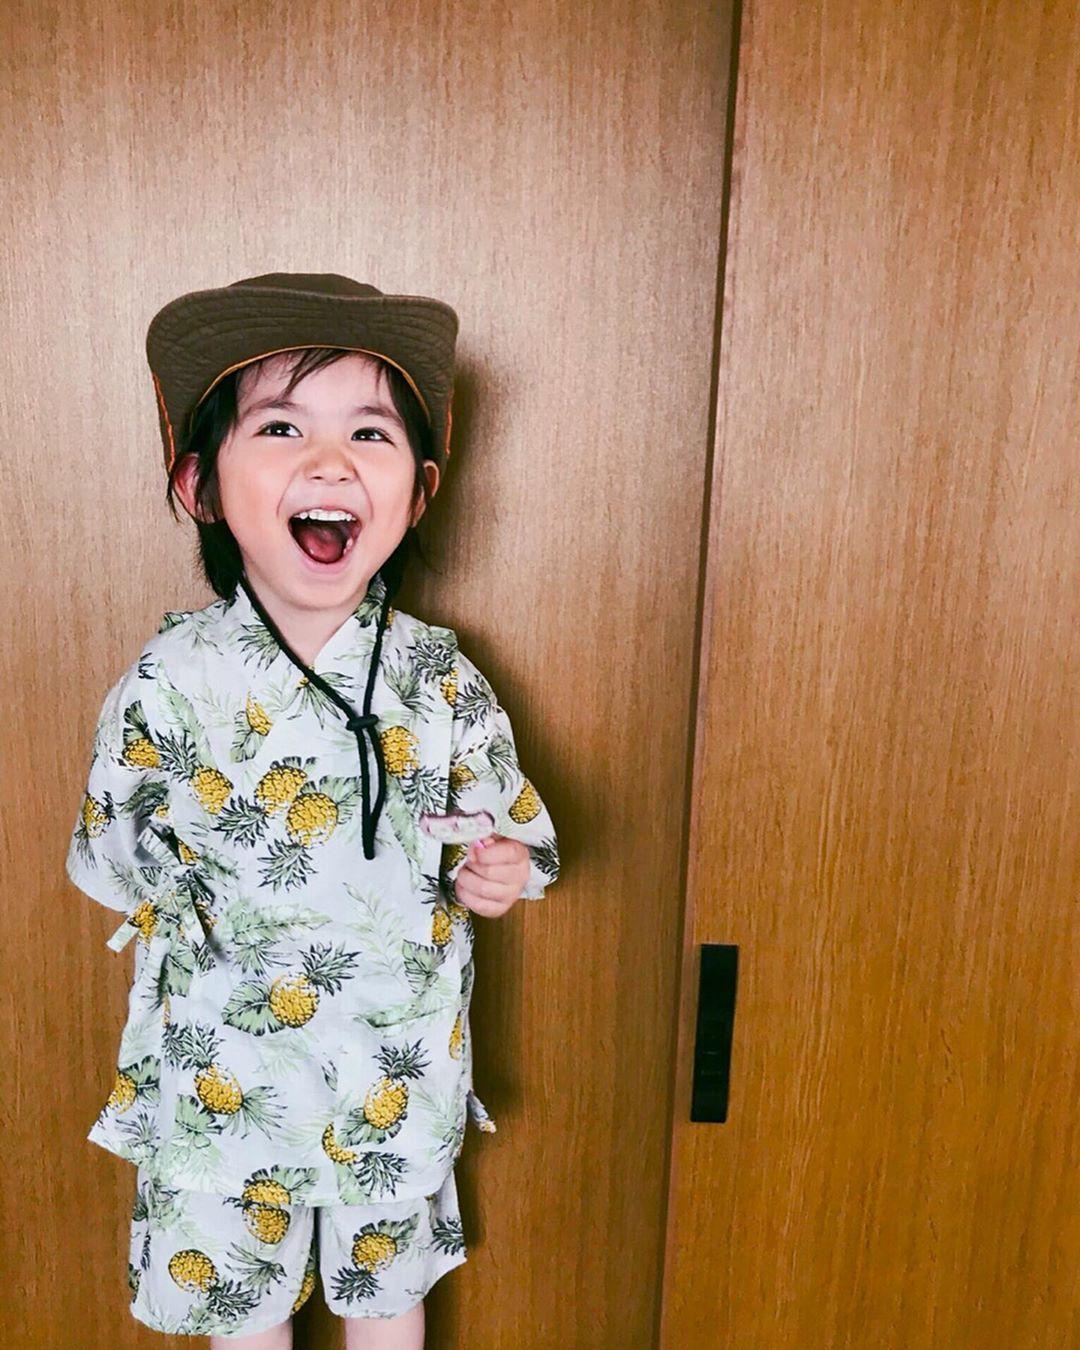 ManaはInstagramを利用しています:「. 明日から夏休み🌈💛🧡 息子にとっては初めての夏休み🤙😙 ちゃんと理解しているかはハテナな上に、幼稚園が大好きなのでしばらく行かれないのは寂しいと思いますが、、、楽しく夏を過ごせたら嬉しいですね😎 今年の甚平は @branshes さんのパイナップル柄です👘🍍🌿」